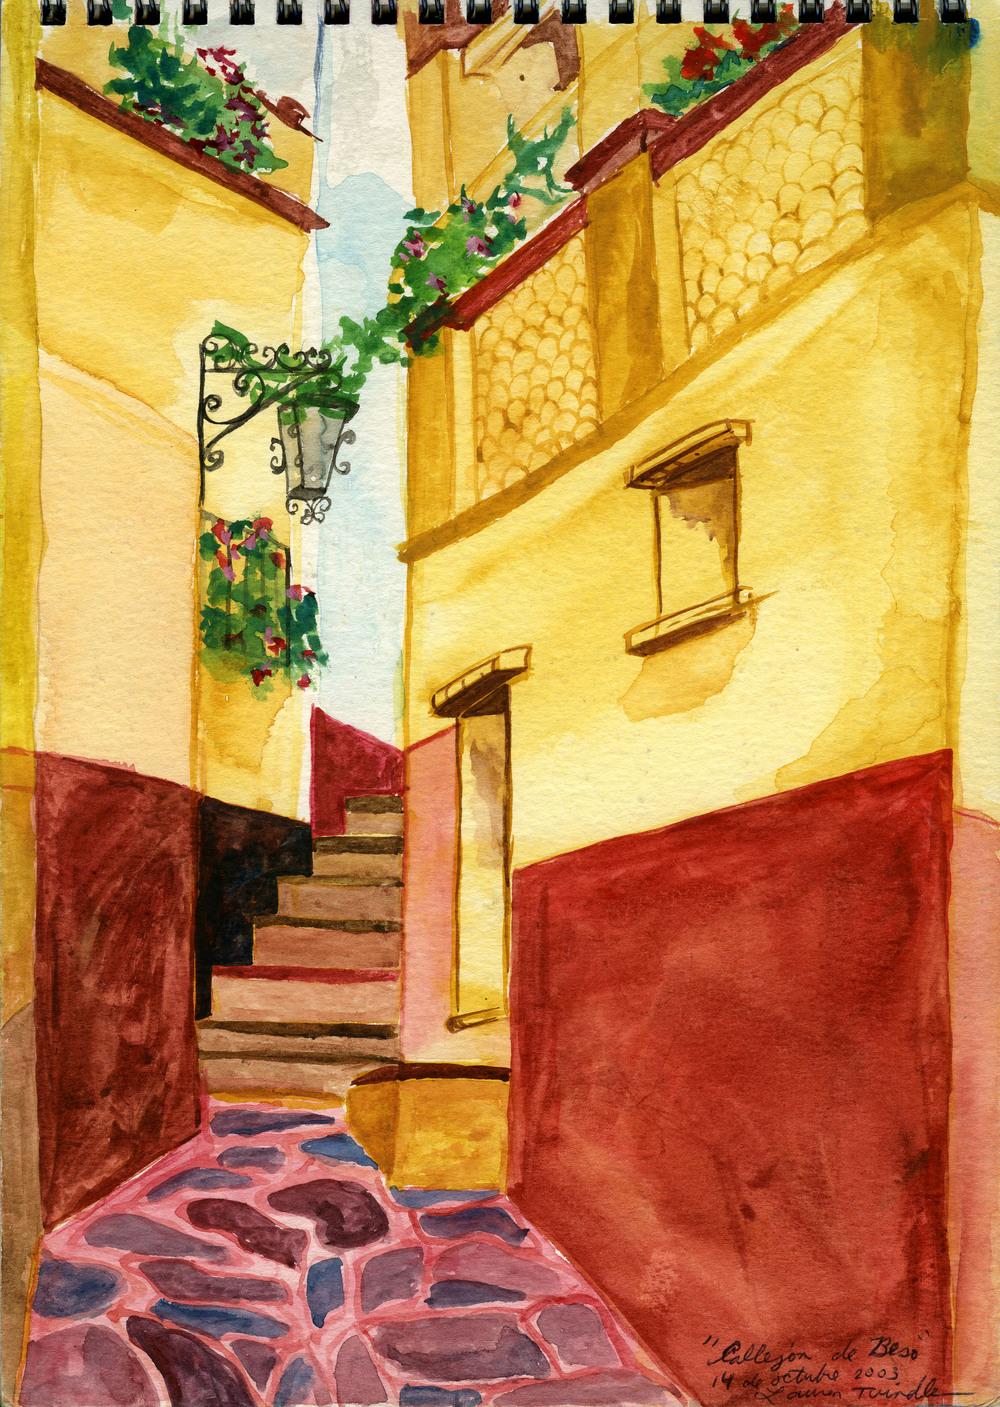 """Oct. 14, 2003 """"Callejón de Besos"""" (Alley of Kisses)"""